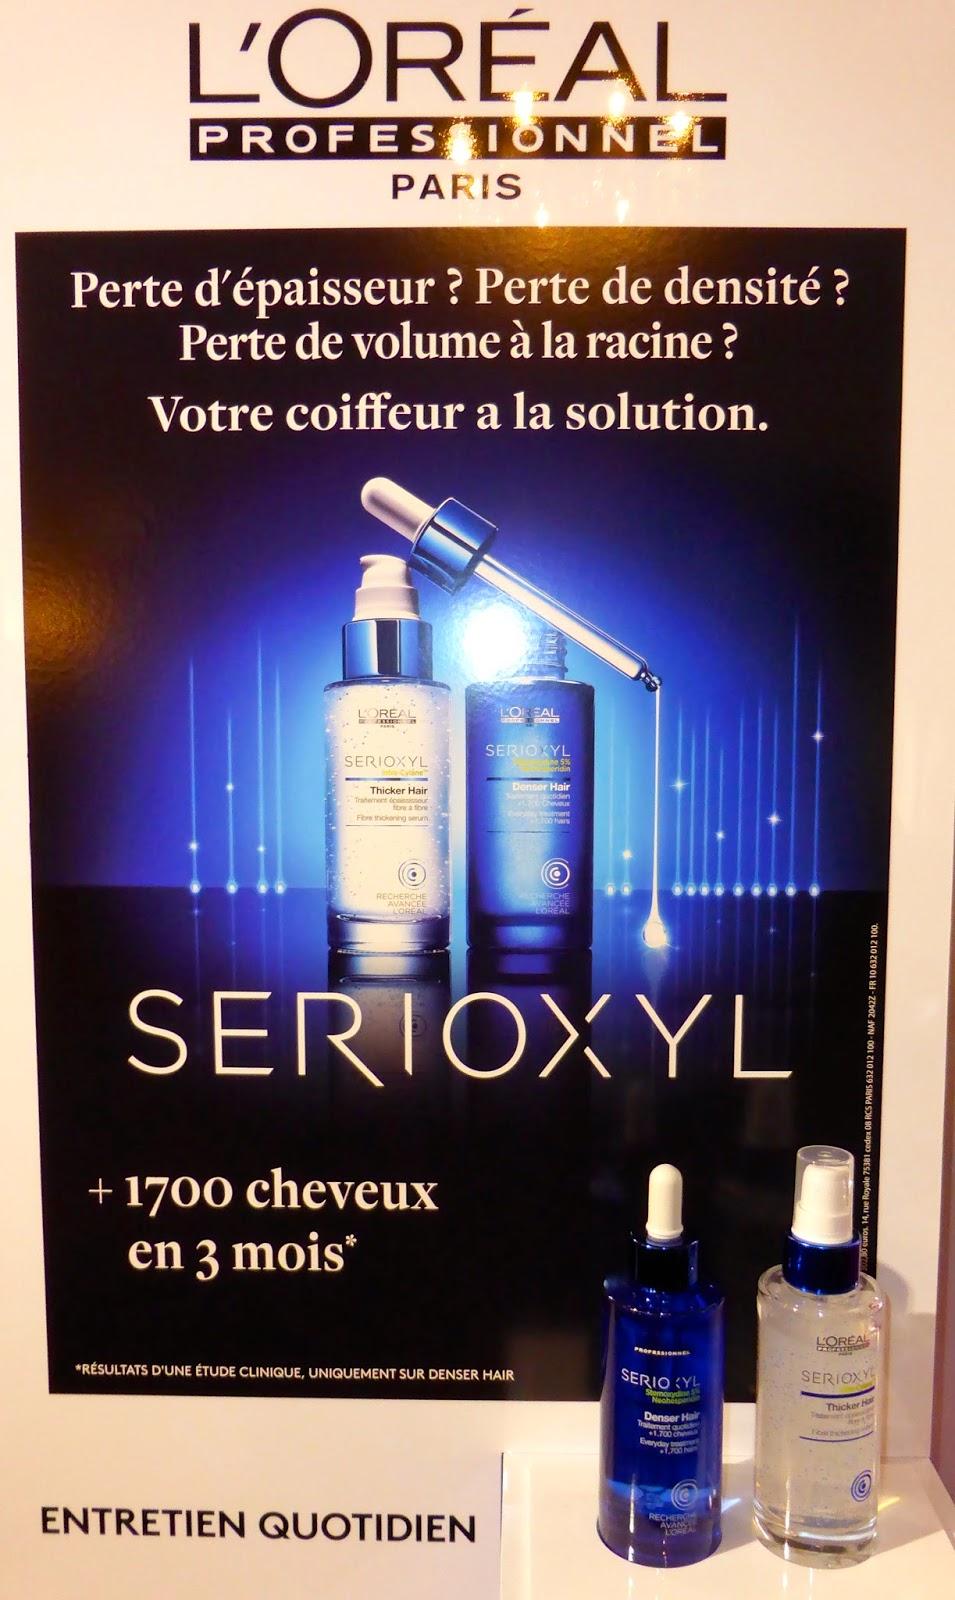 Serioxyl de l'Oréal Recherche Avancée, la solution pour les besoins de densité et/ou d'épaisseur.